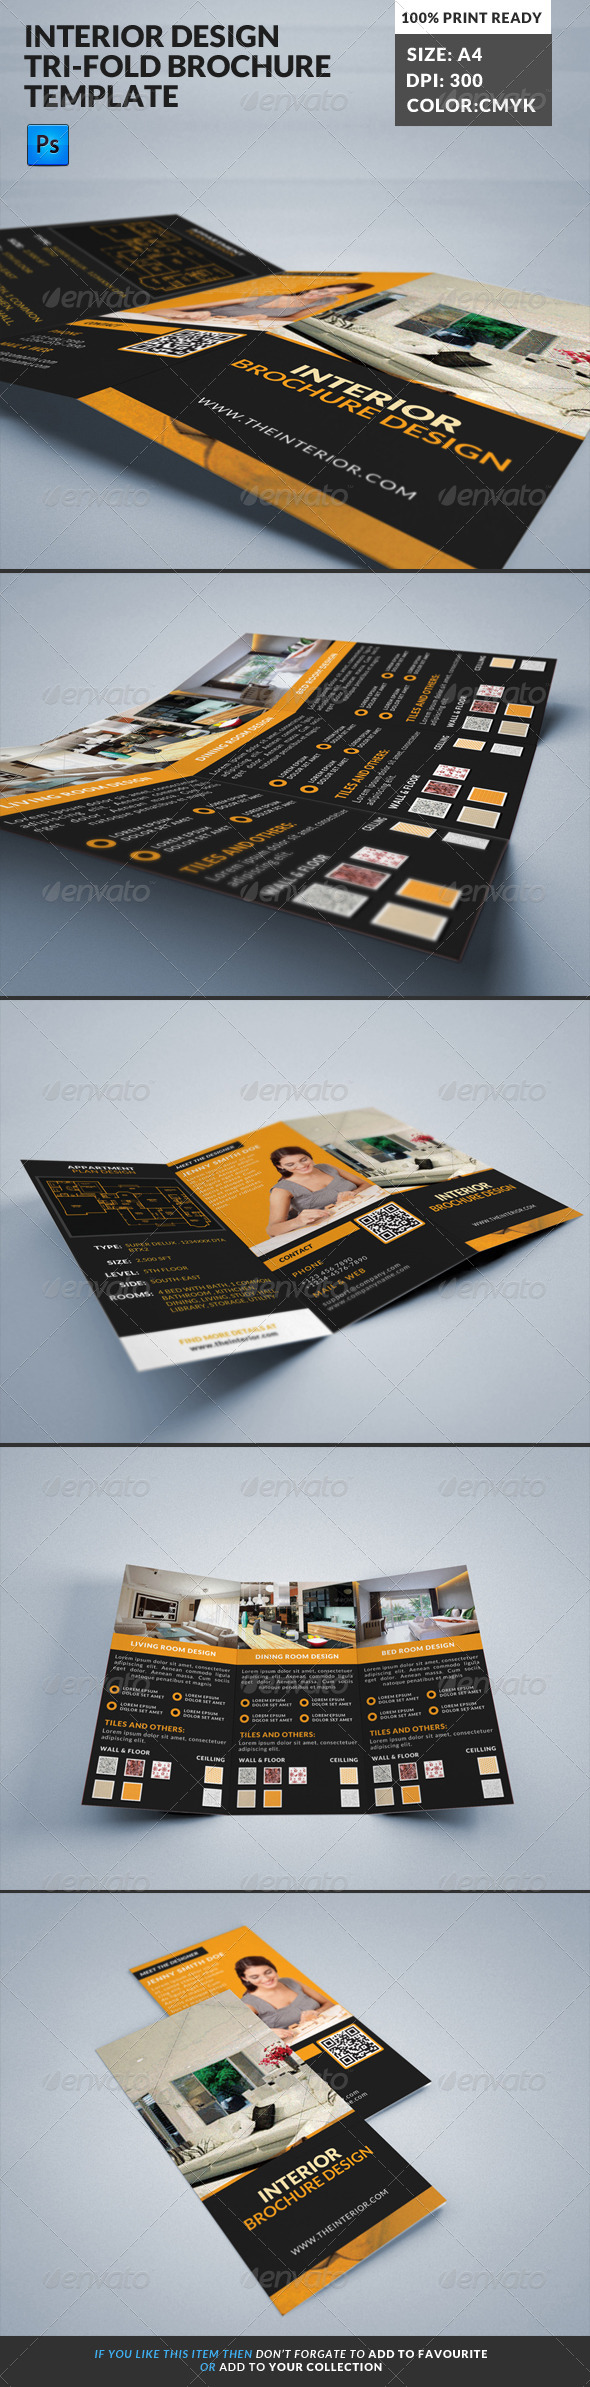 GraphicRiver Interior Design Decoration Tri-Fold Brochure 7830835